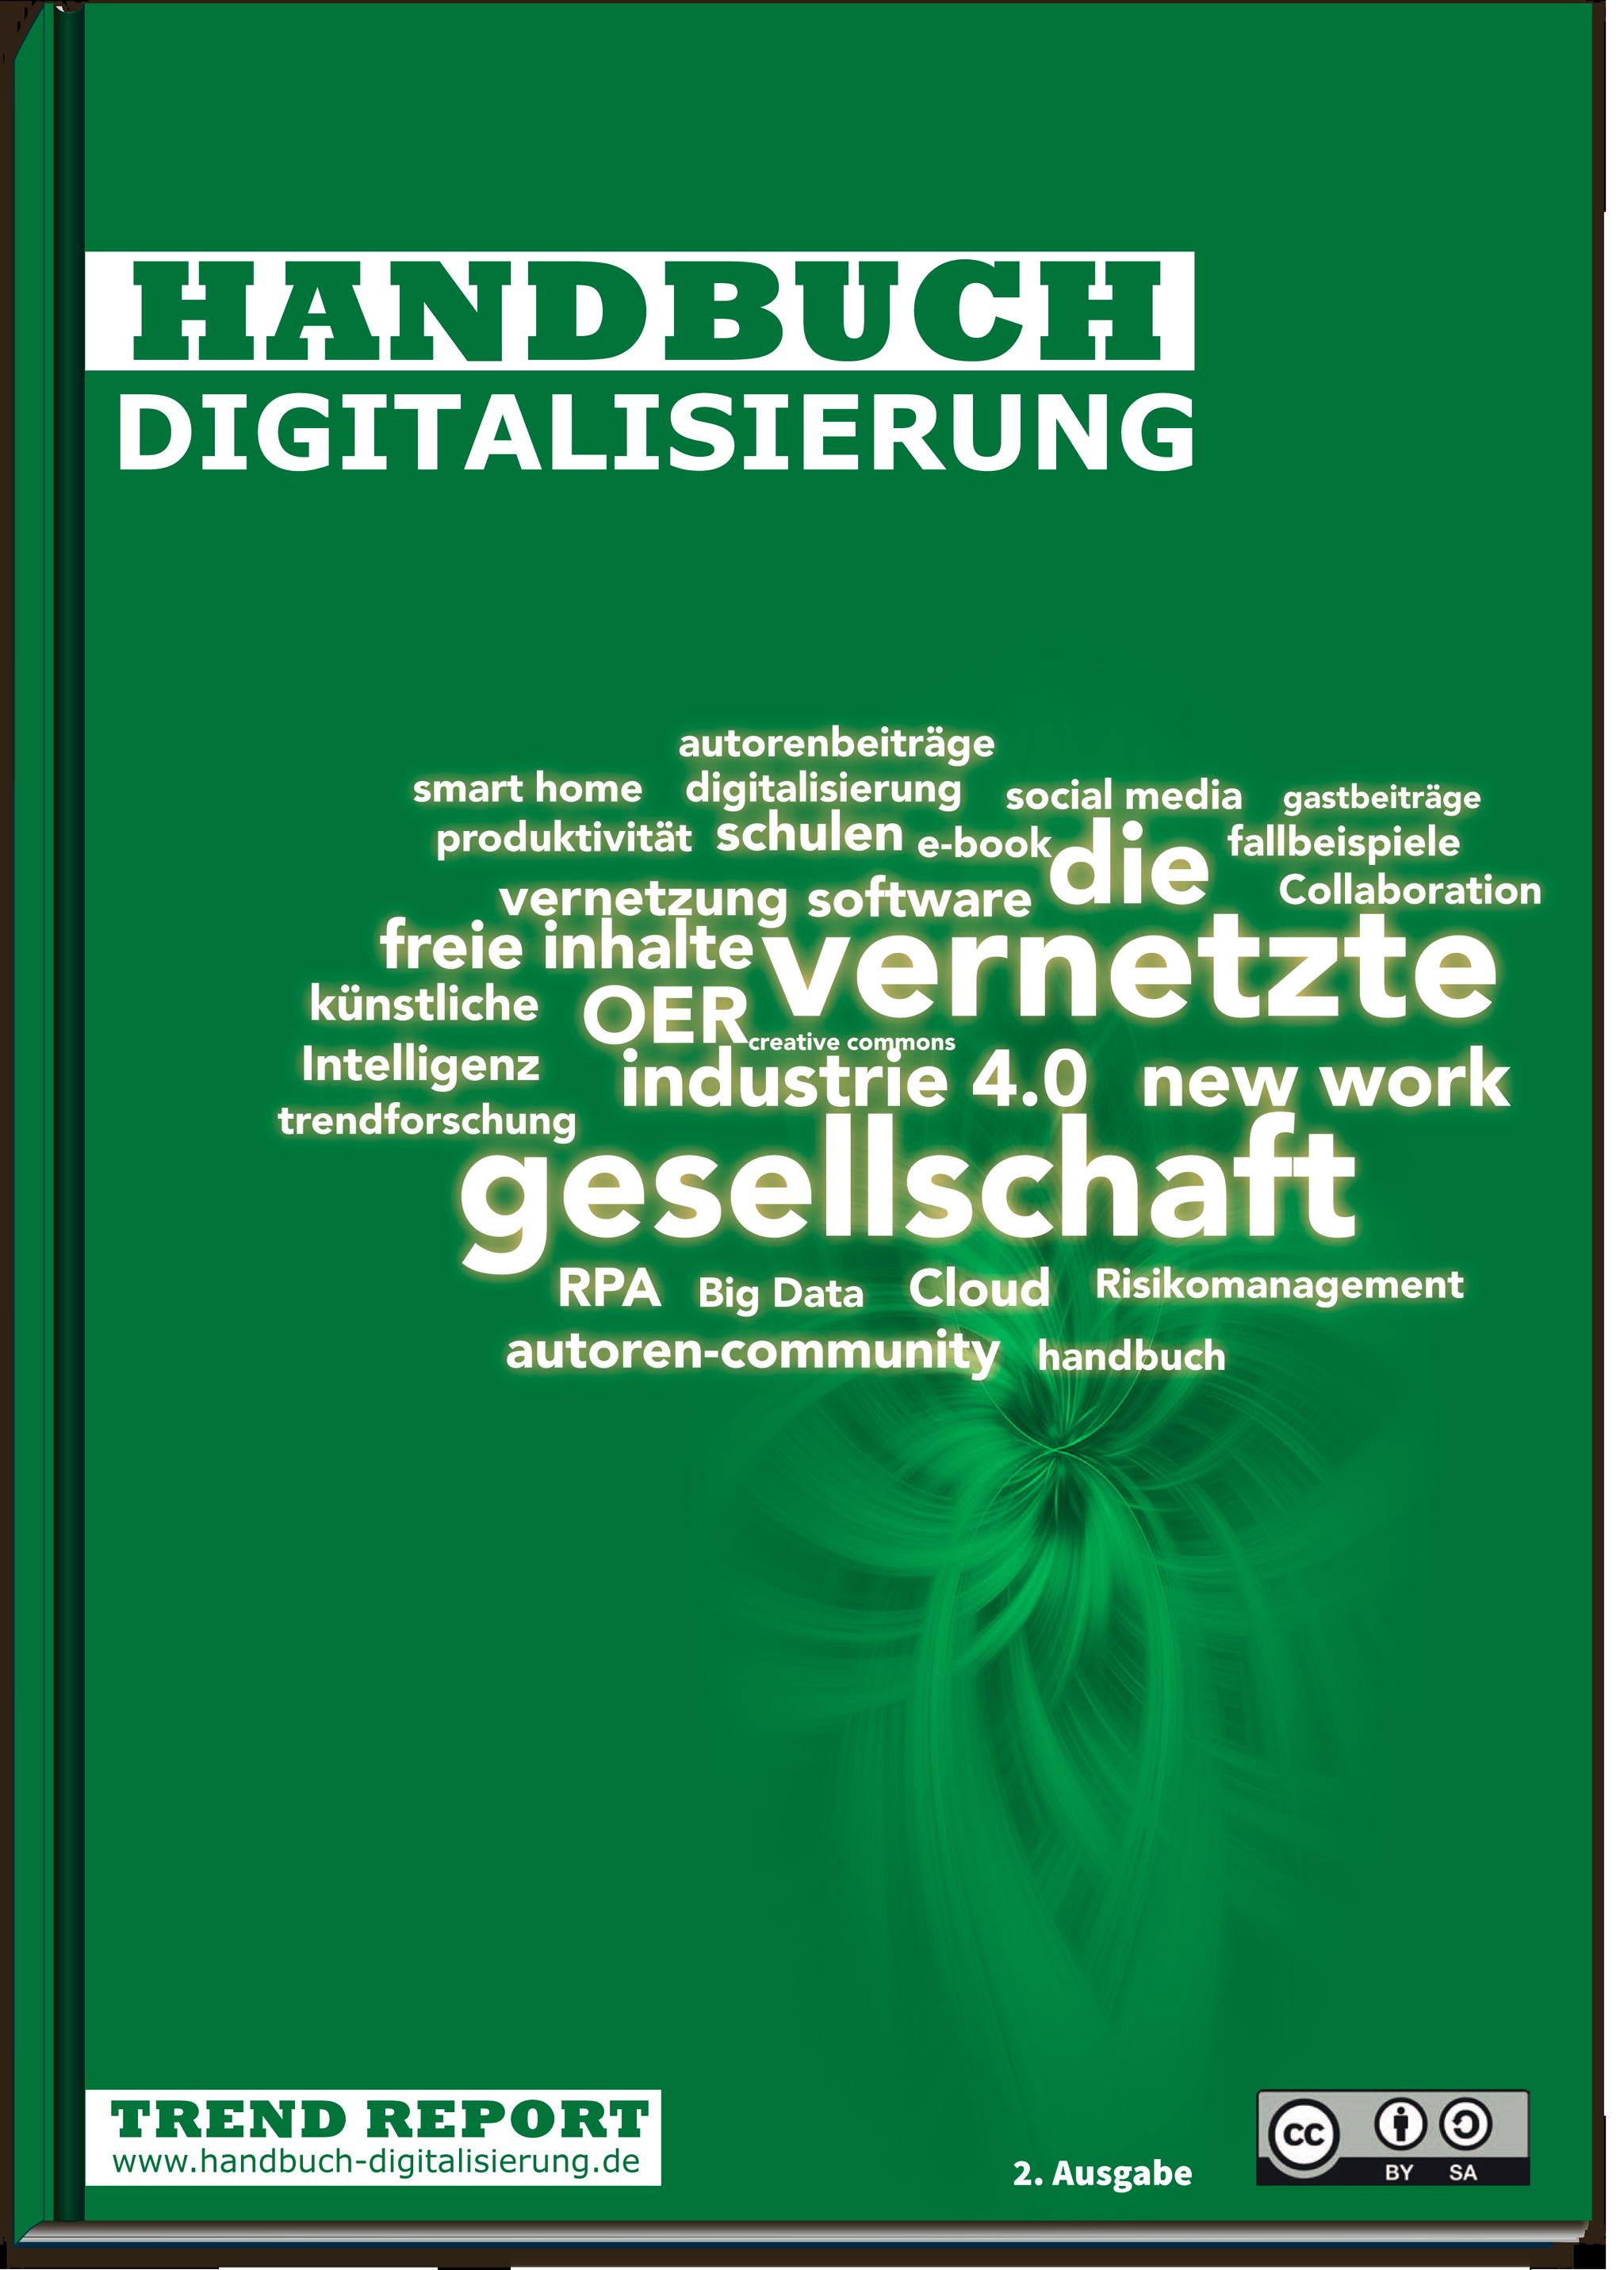 Handbuch Digitalisierung (2. Ausgabe)